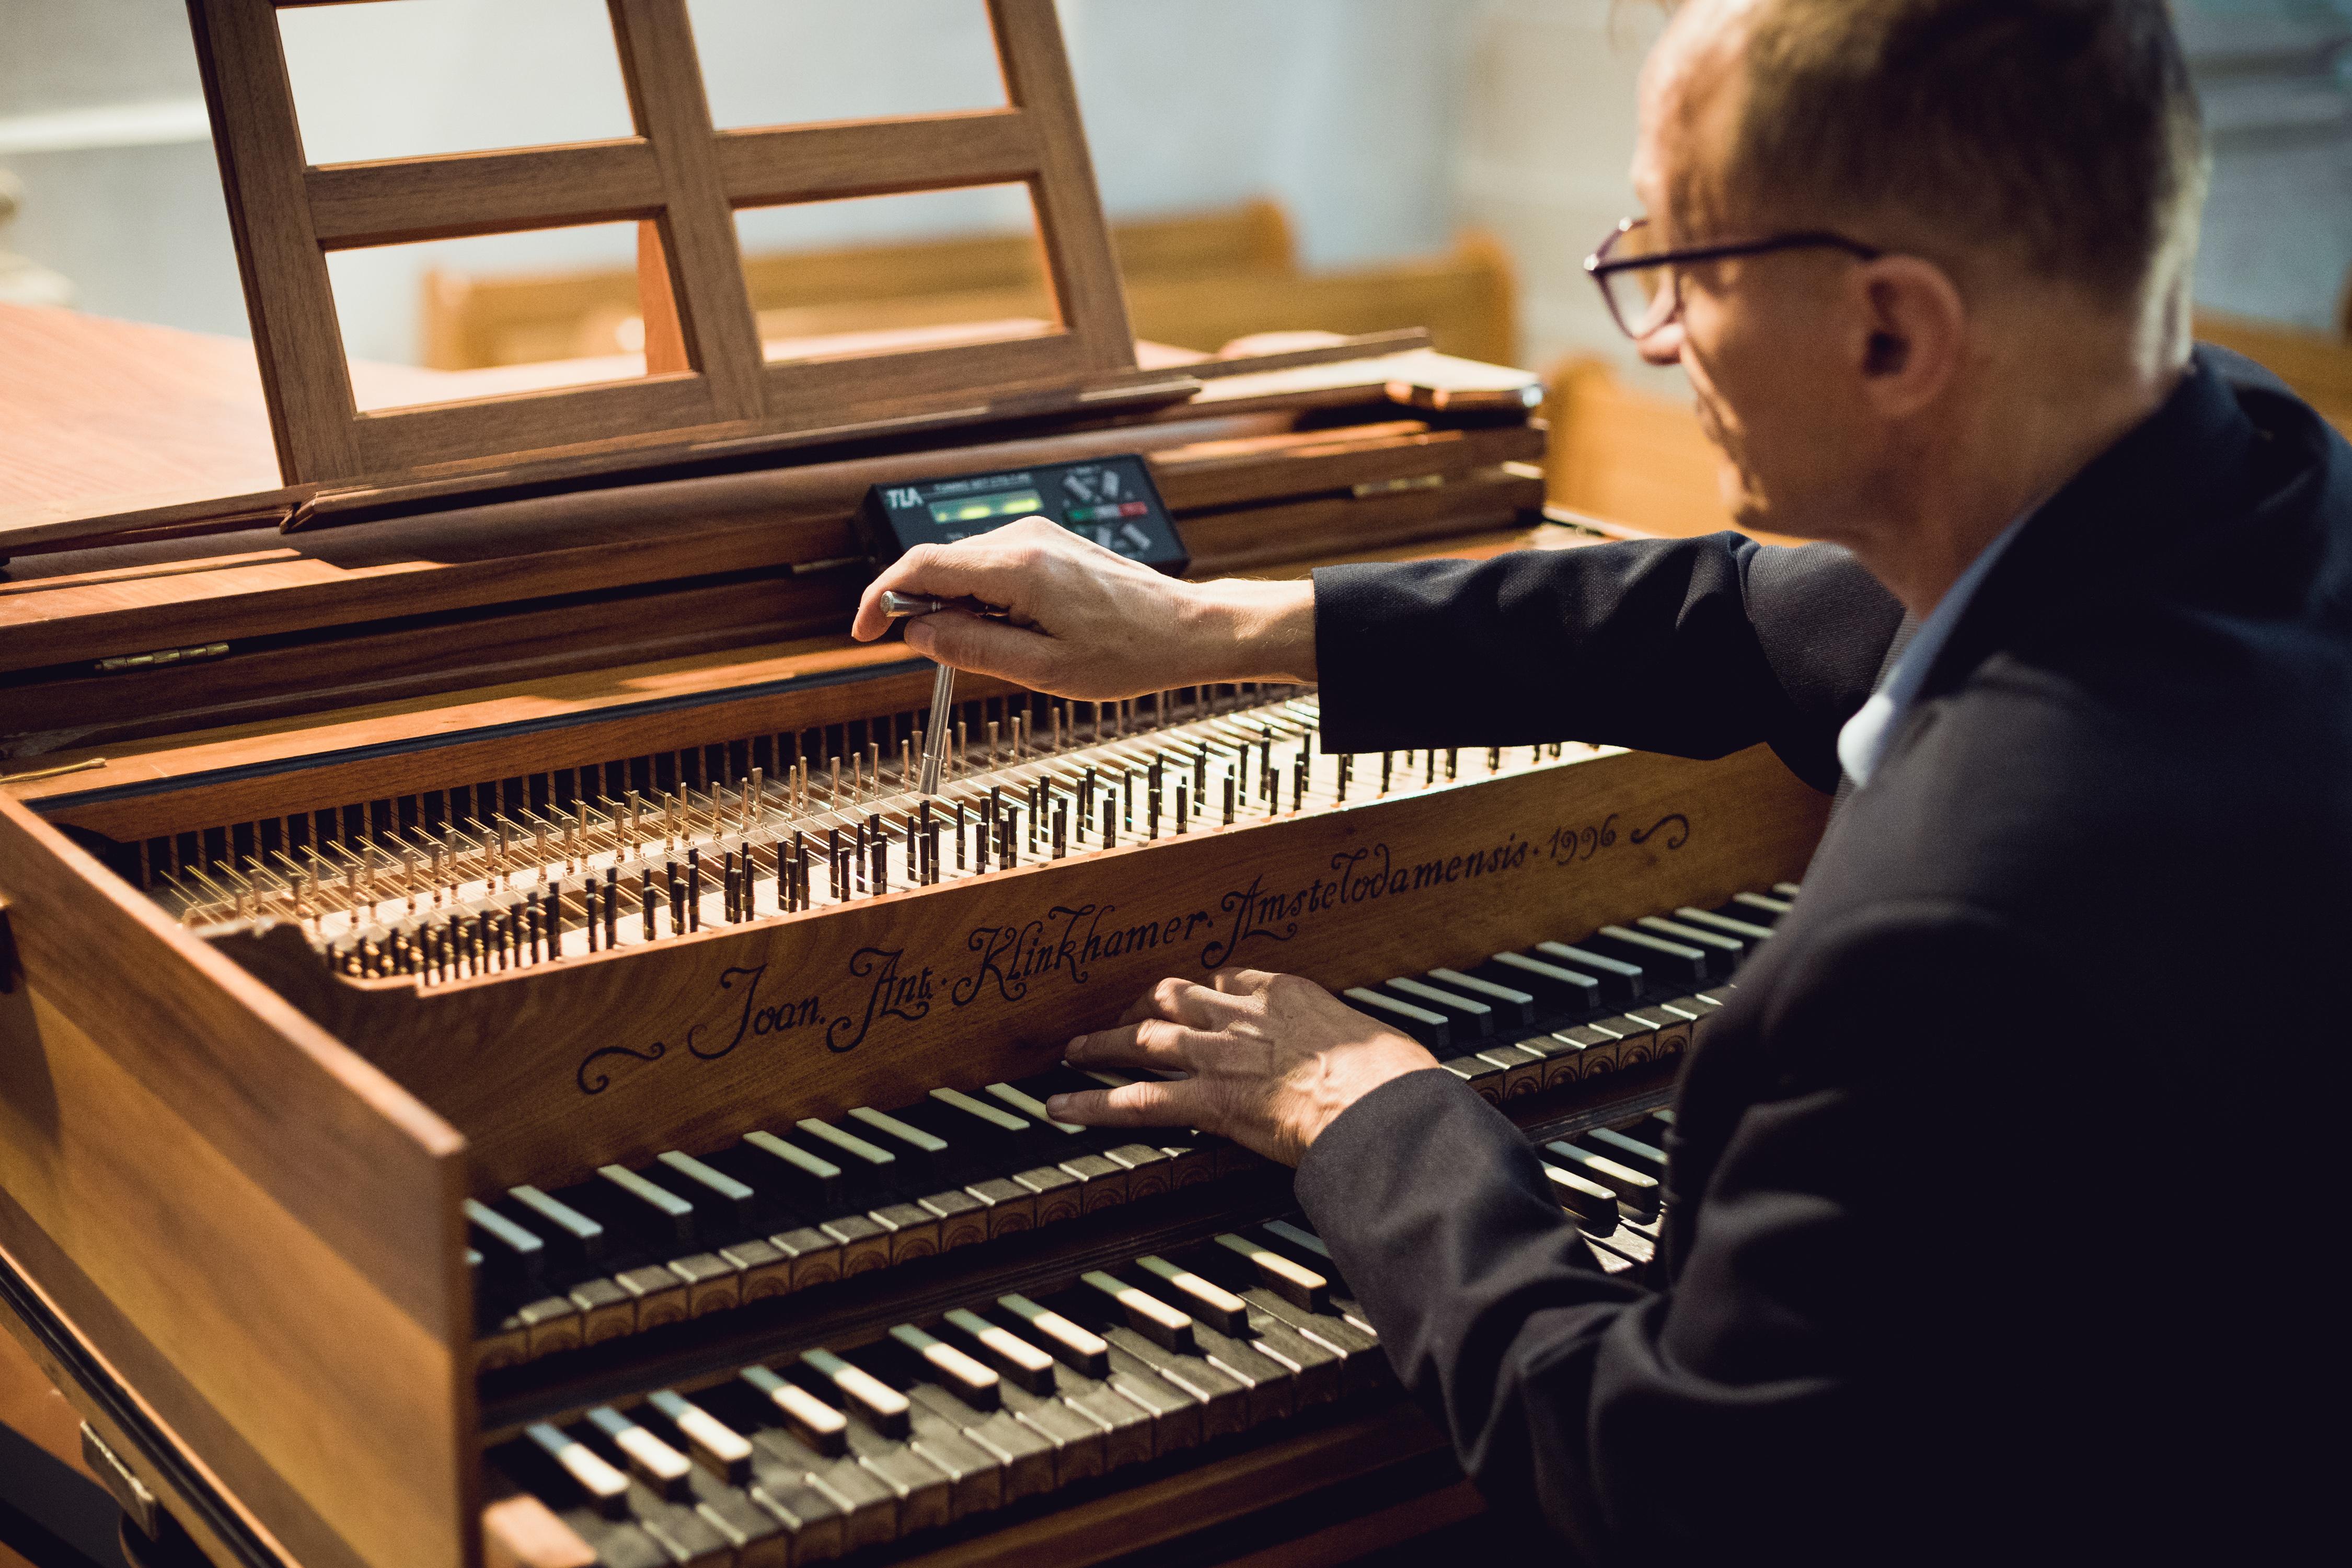 Klawesyn Klinkhammer z 1996 r. - kopia dawnego instrumentu.